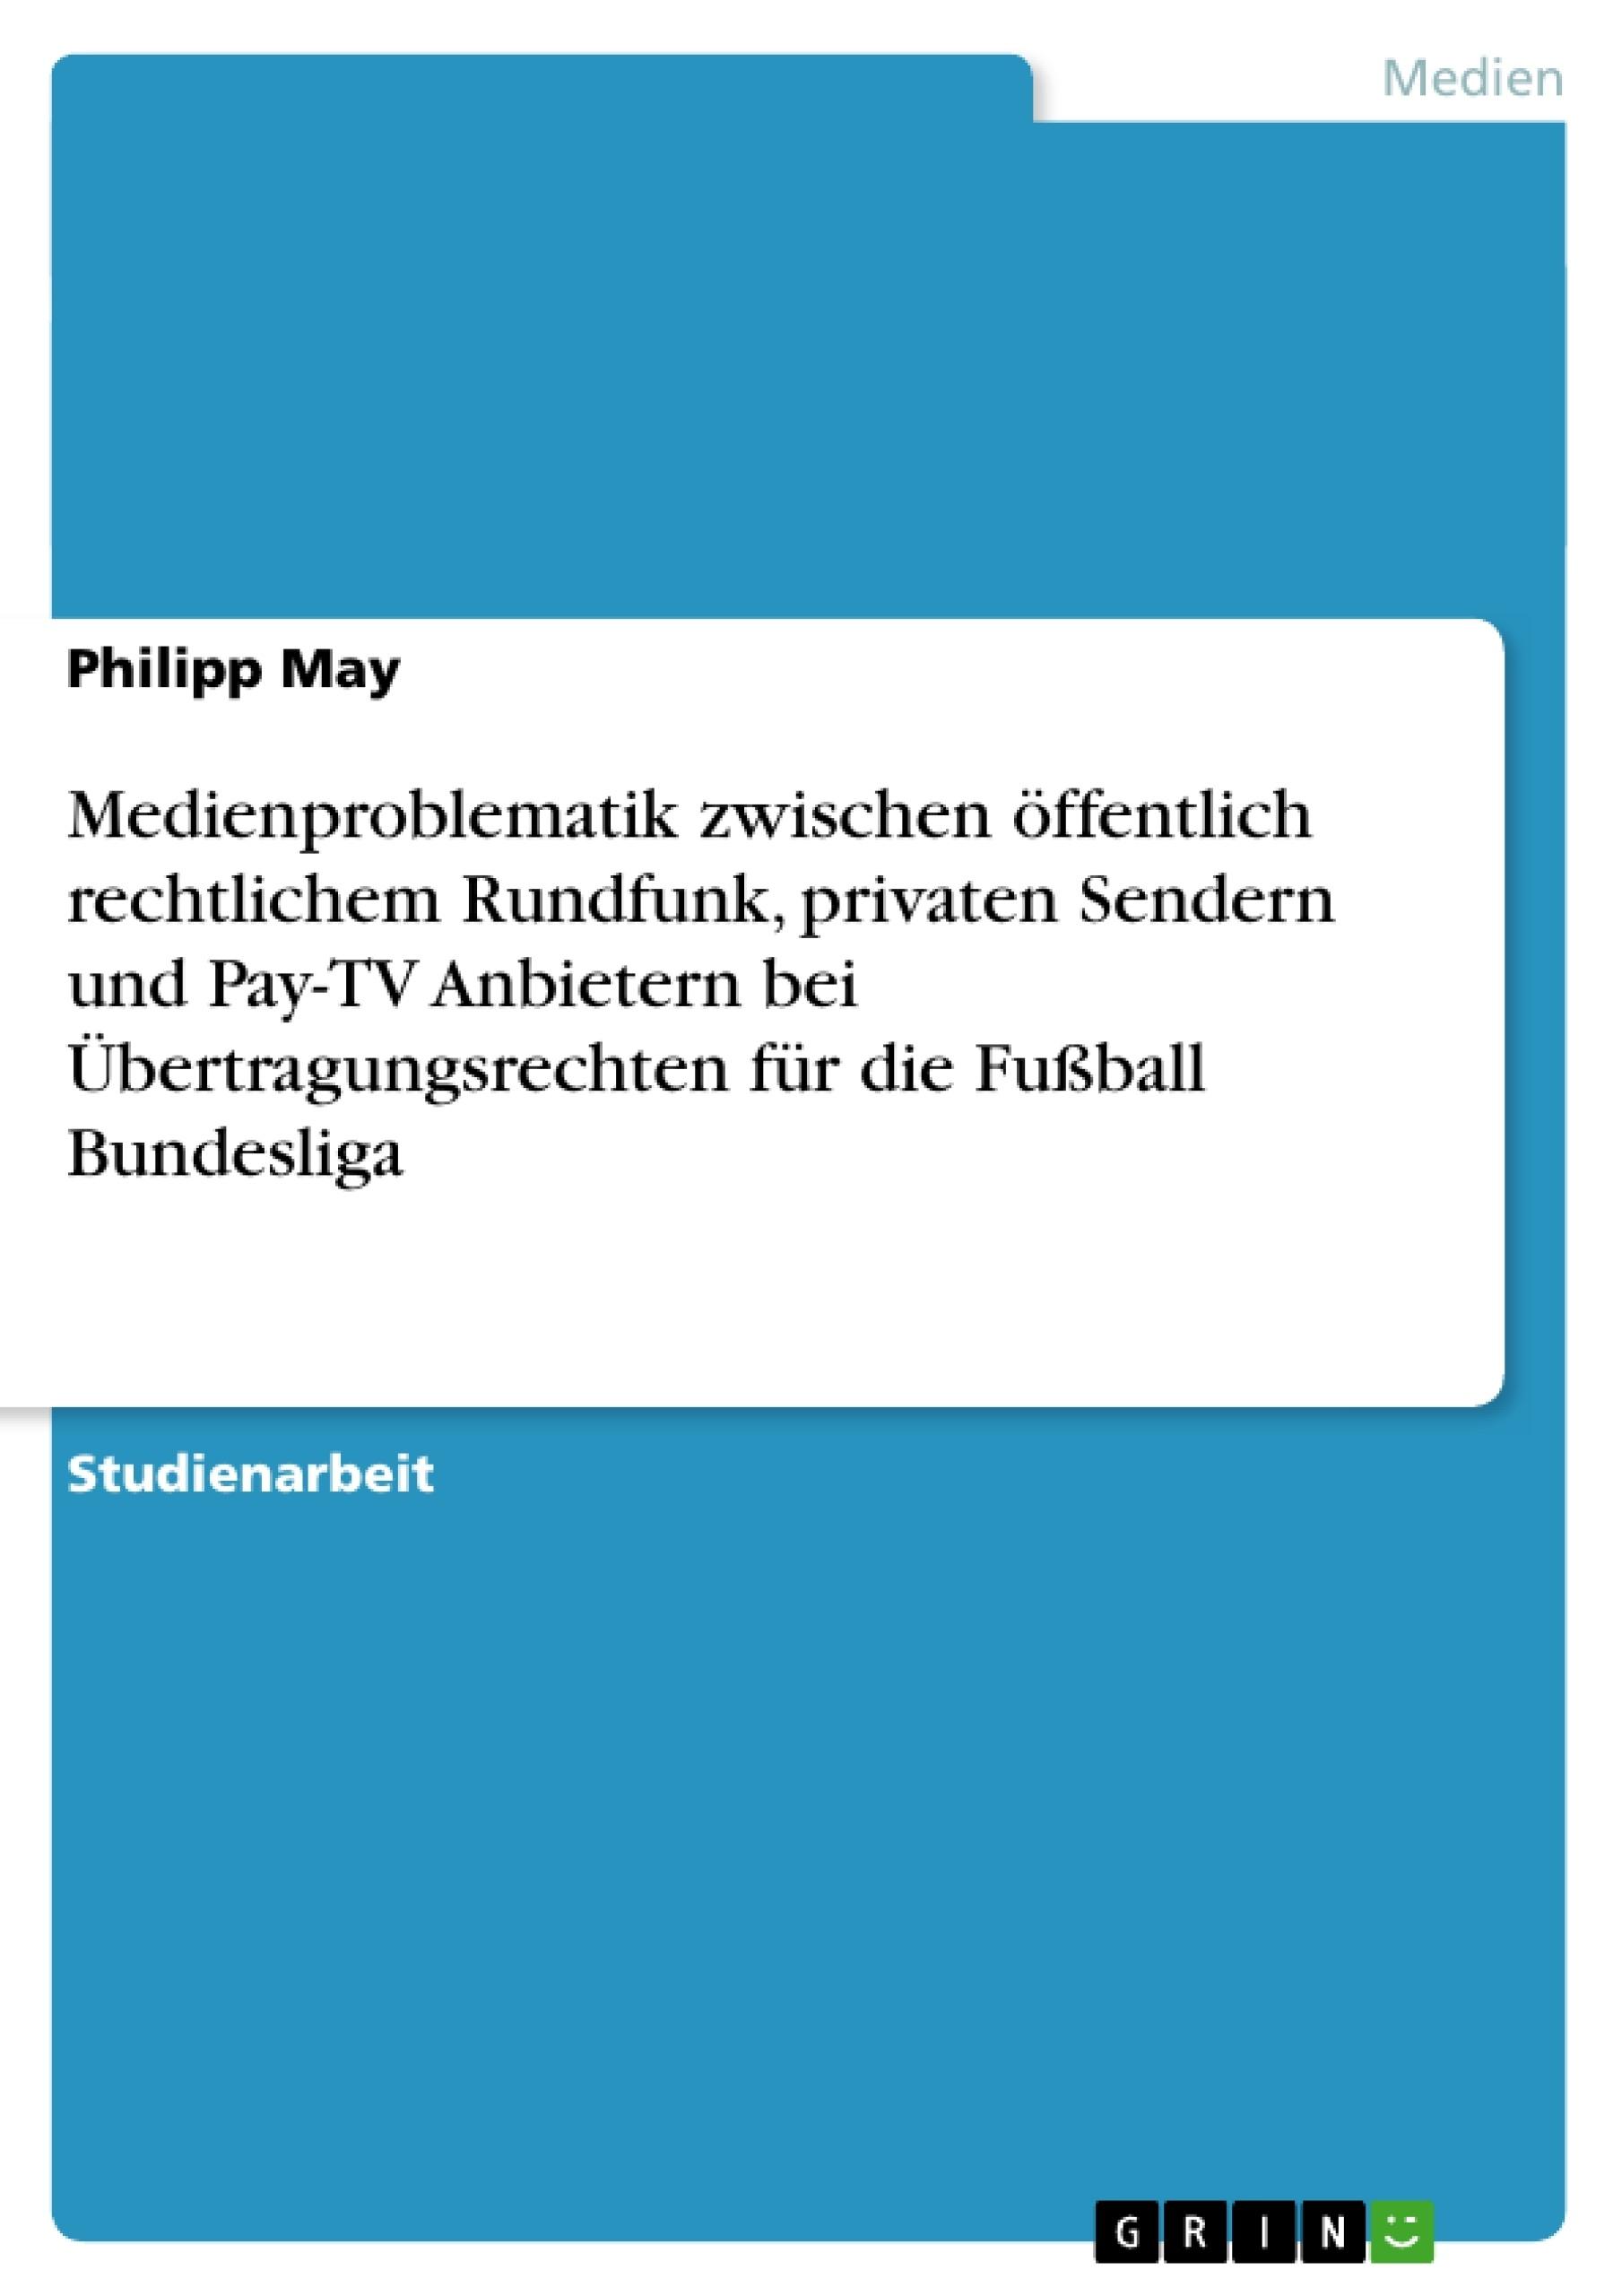 Titel: Medienproblematik zwischen öffentlich rechtlichem Rundfunk, privaten Sendern und Pay-TV Anbietern bei Übertragungsrechten für die Fußball Bundesliga